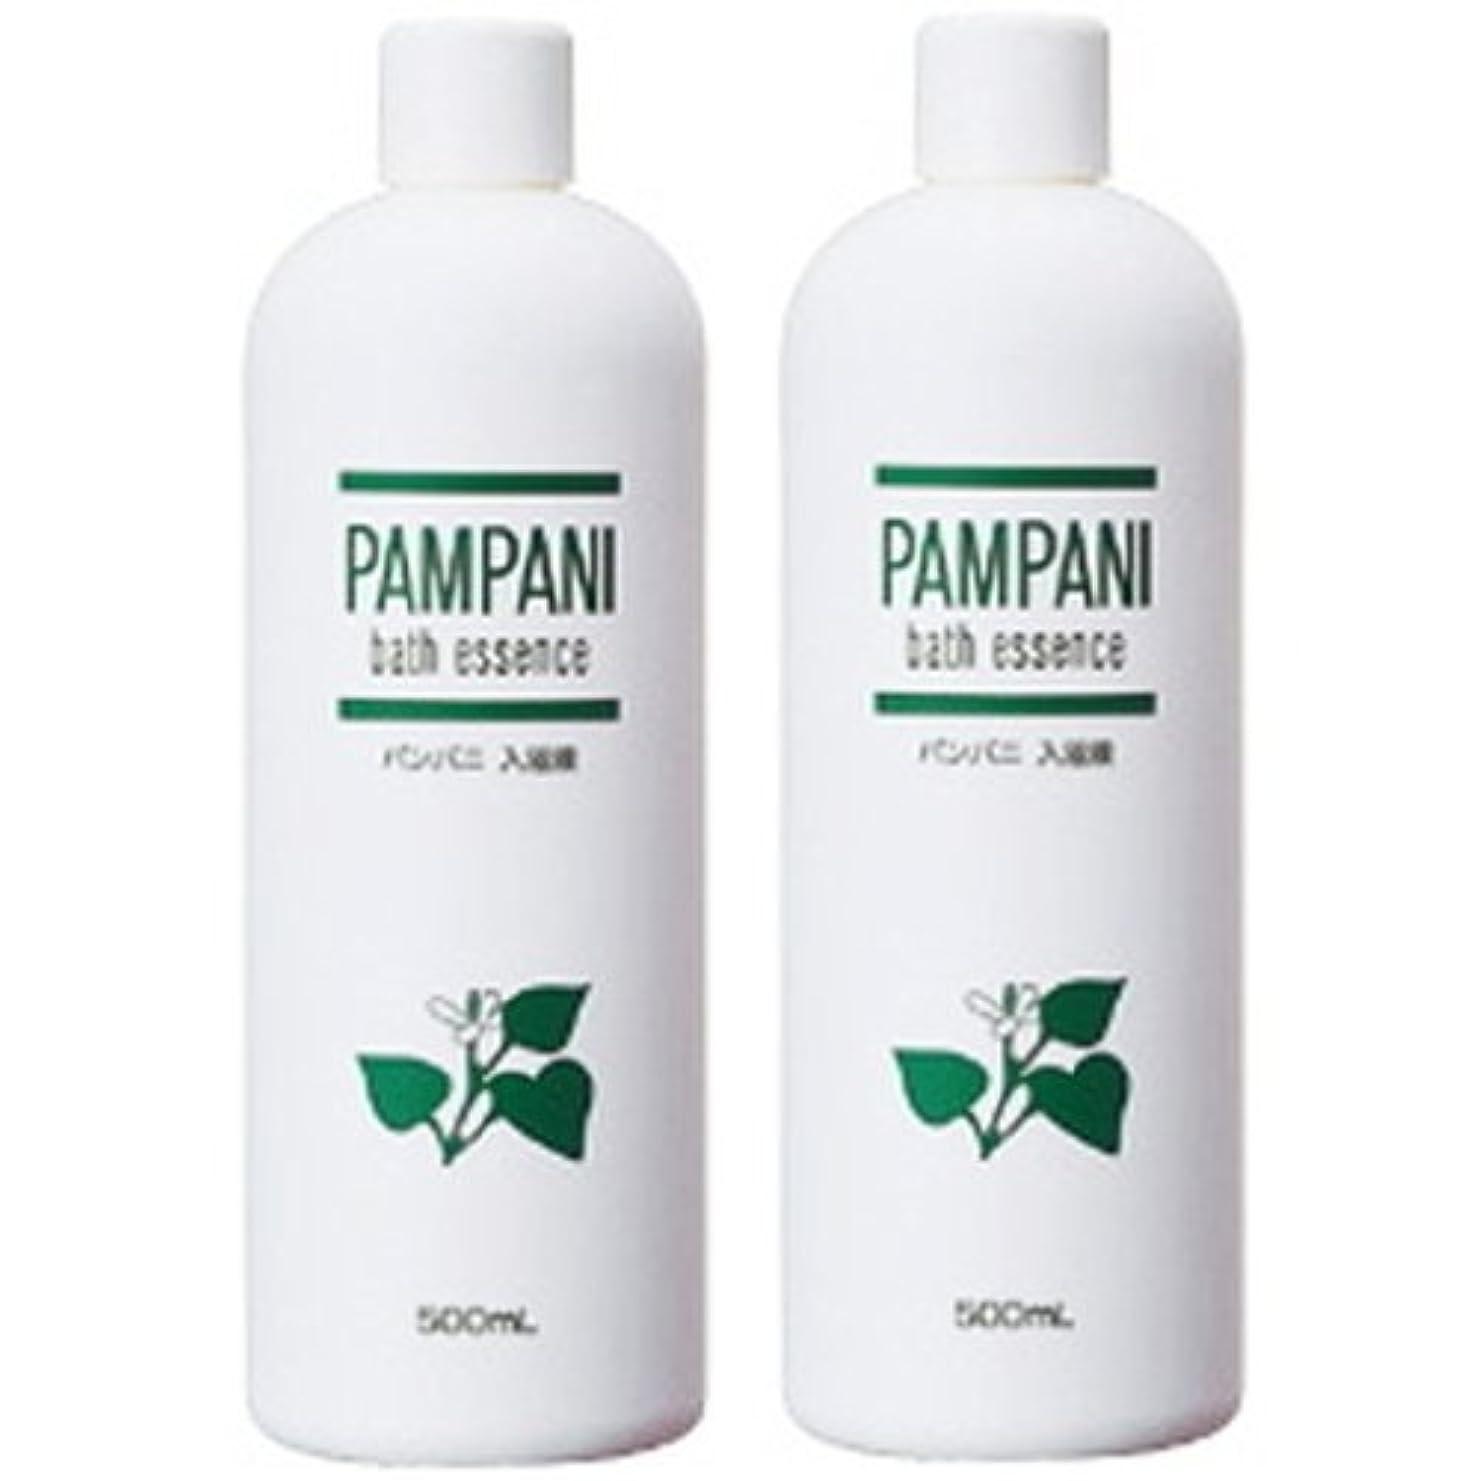 才能のある雇用者ドアミラーパンパニ(PAMPANI) 入浴液 (希釈タイプ) 500ml×2本組